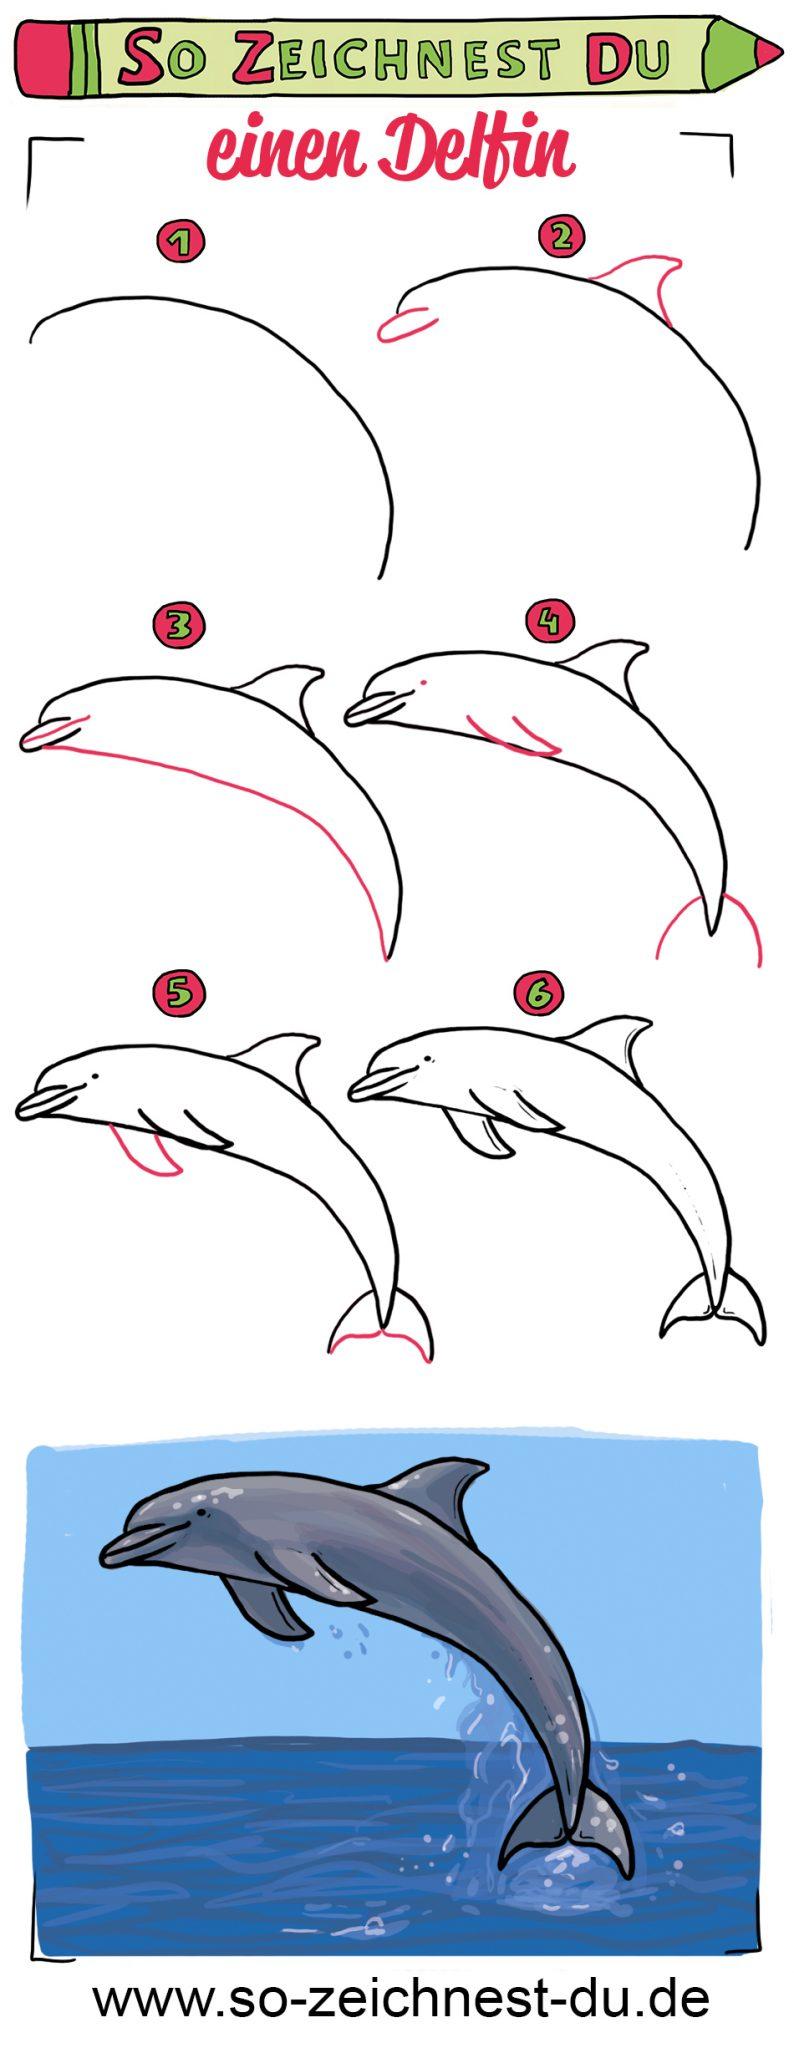 So zeichnest du einen Delfin Zeichenschule Meer